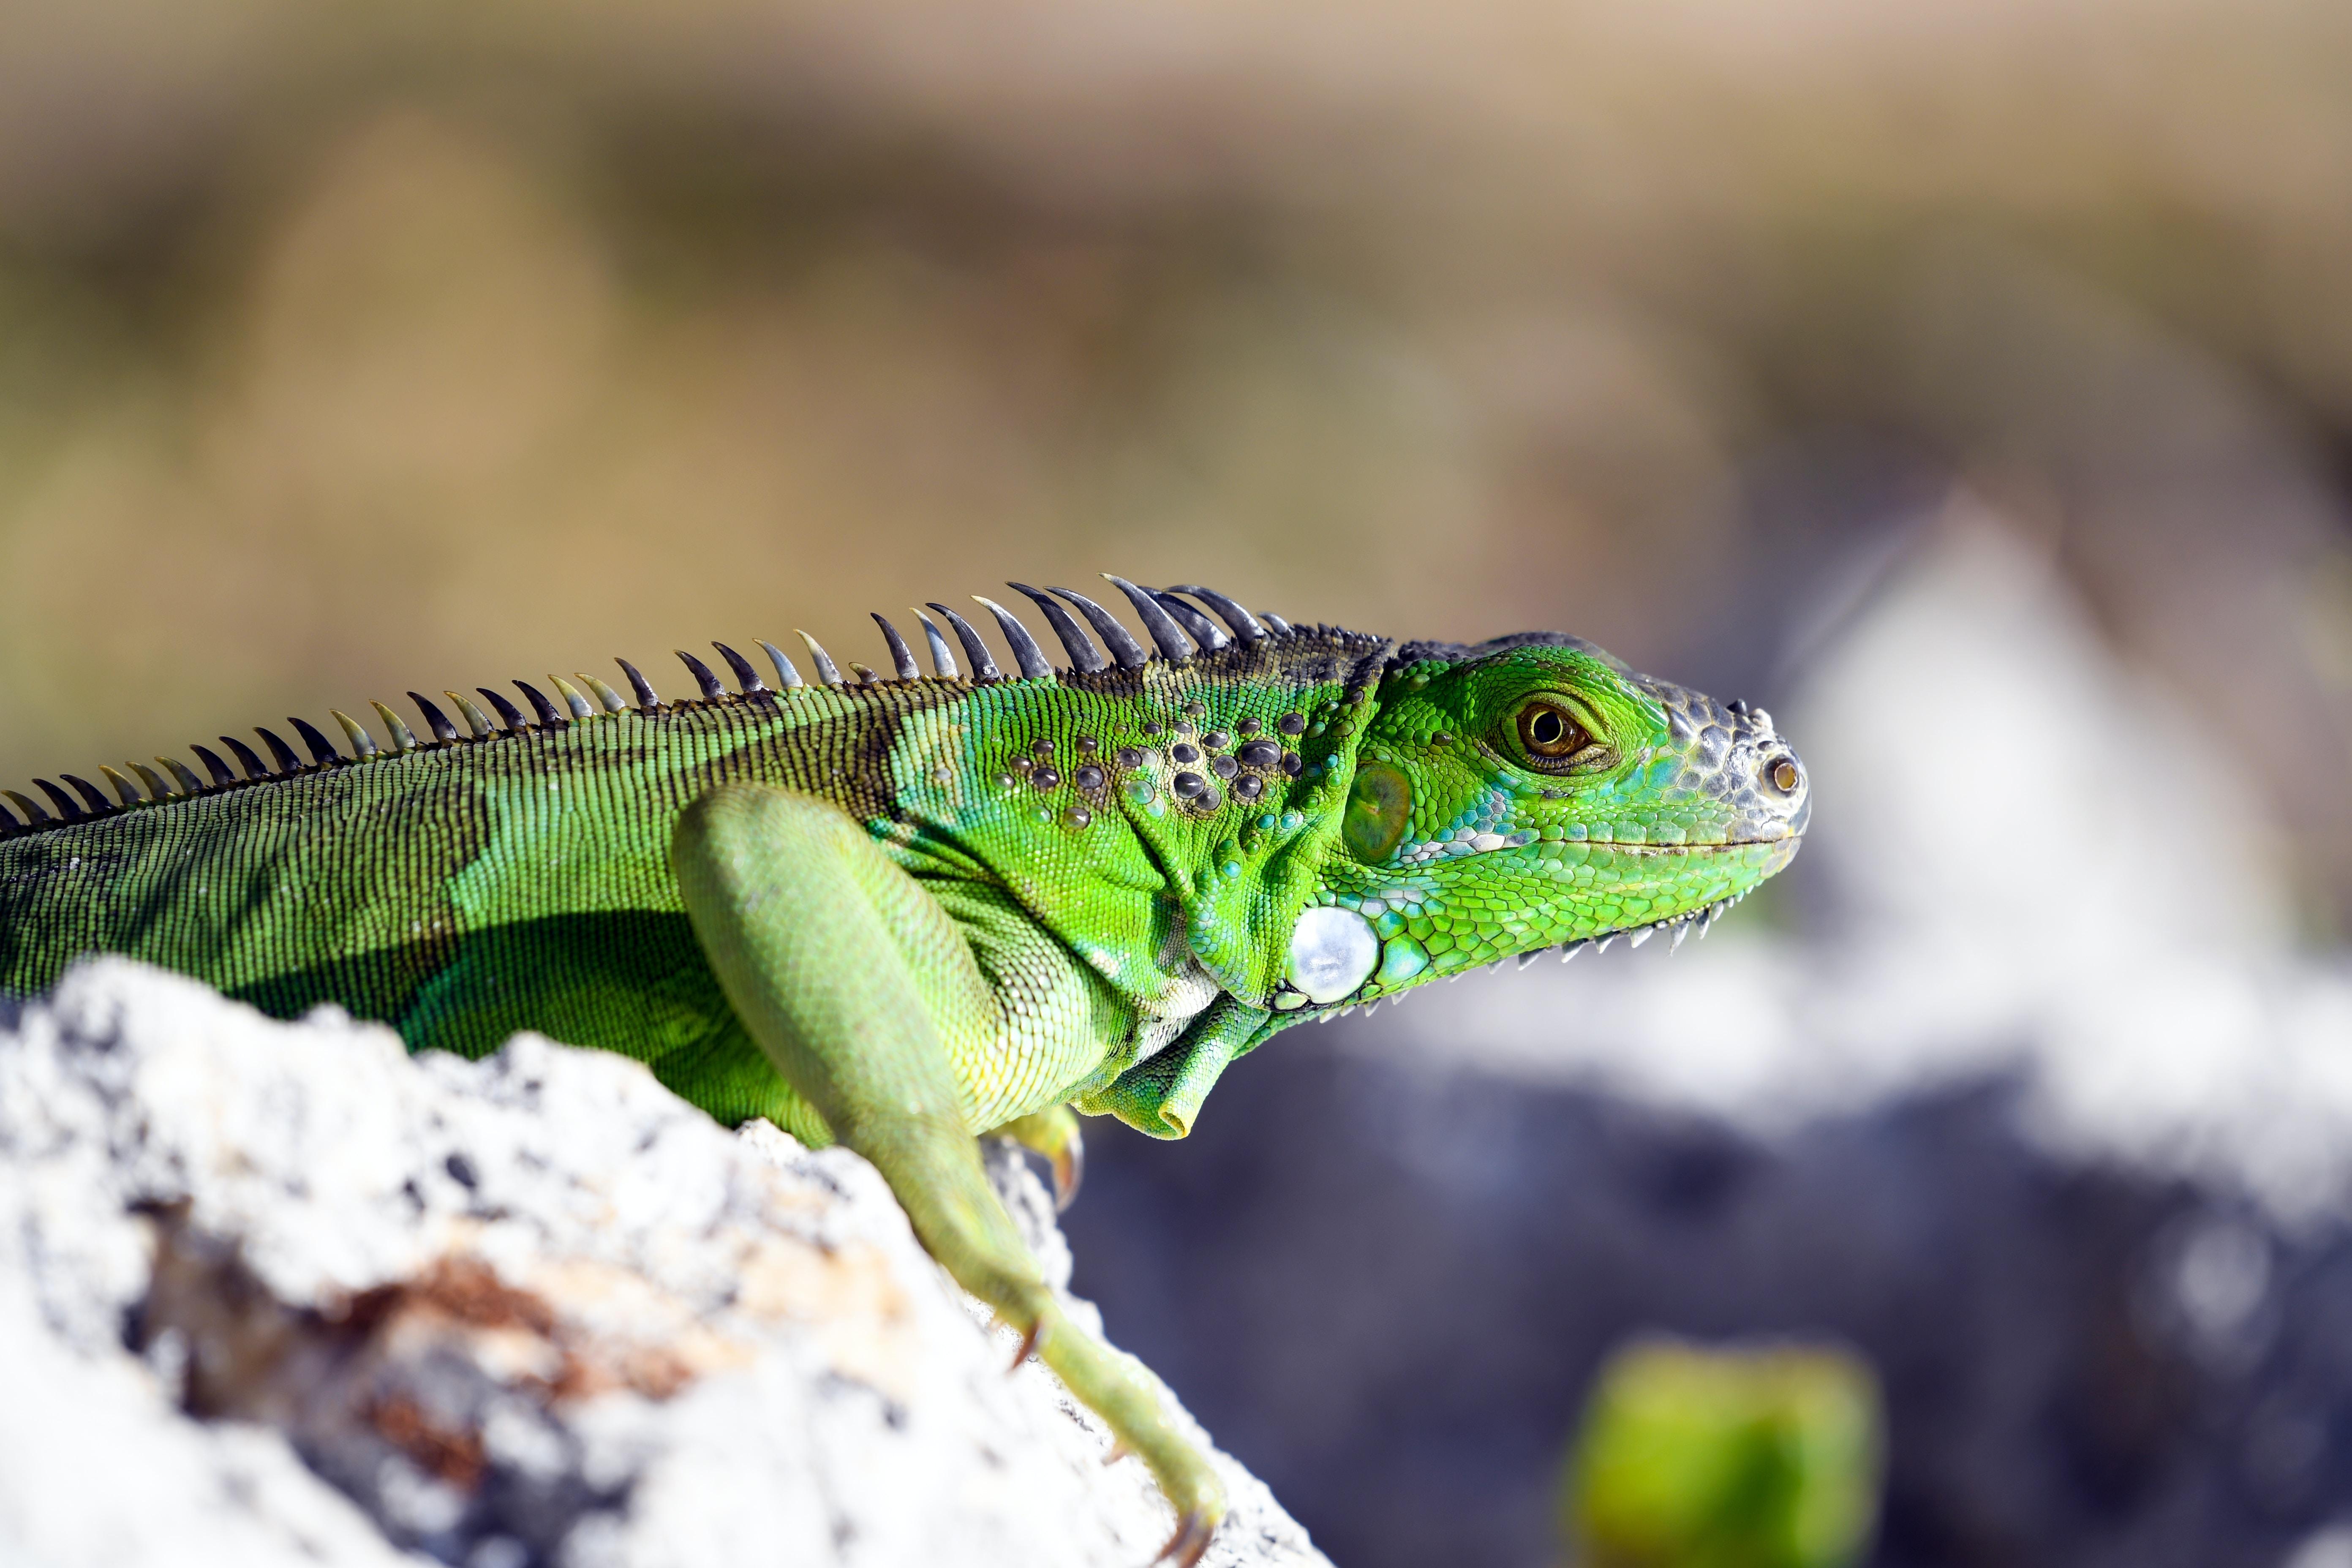 Green lizard sun bathing on a rock